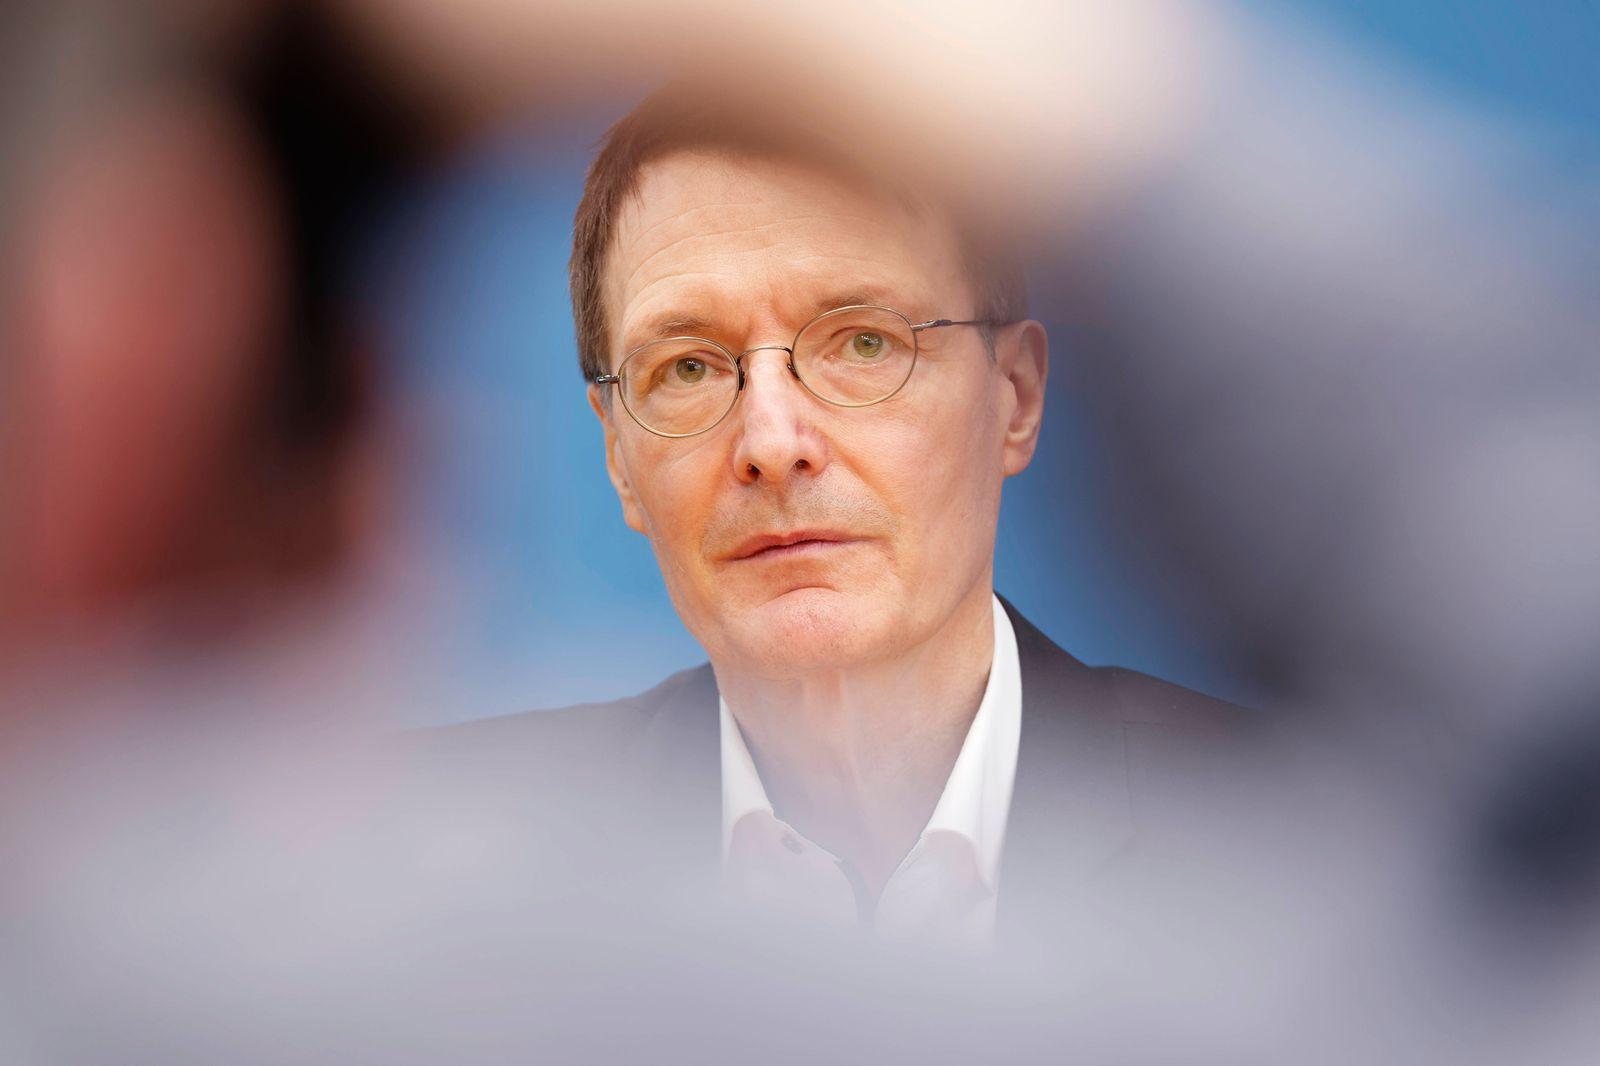 Lauterbach zur Impflage 2021-03-19, Deutschland, Berlin - Bundespressekonferenz zum Thema Impfen gegen Corona. Im Bild K